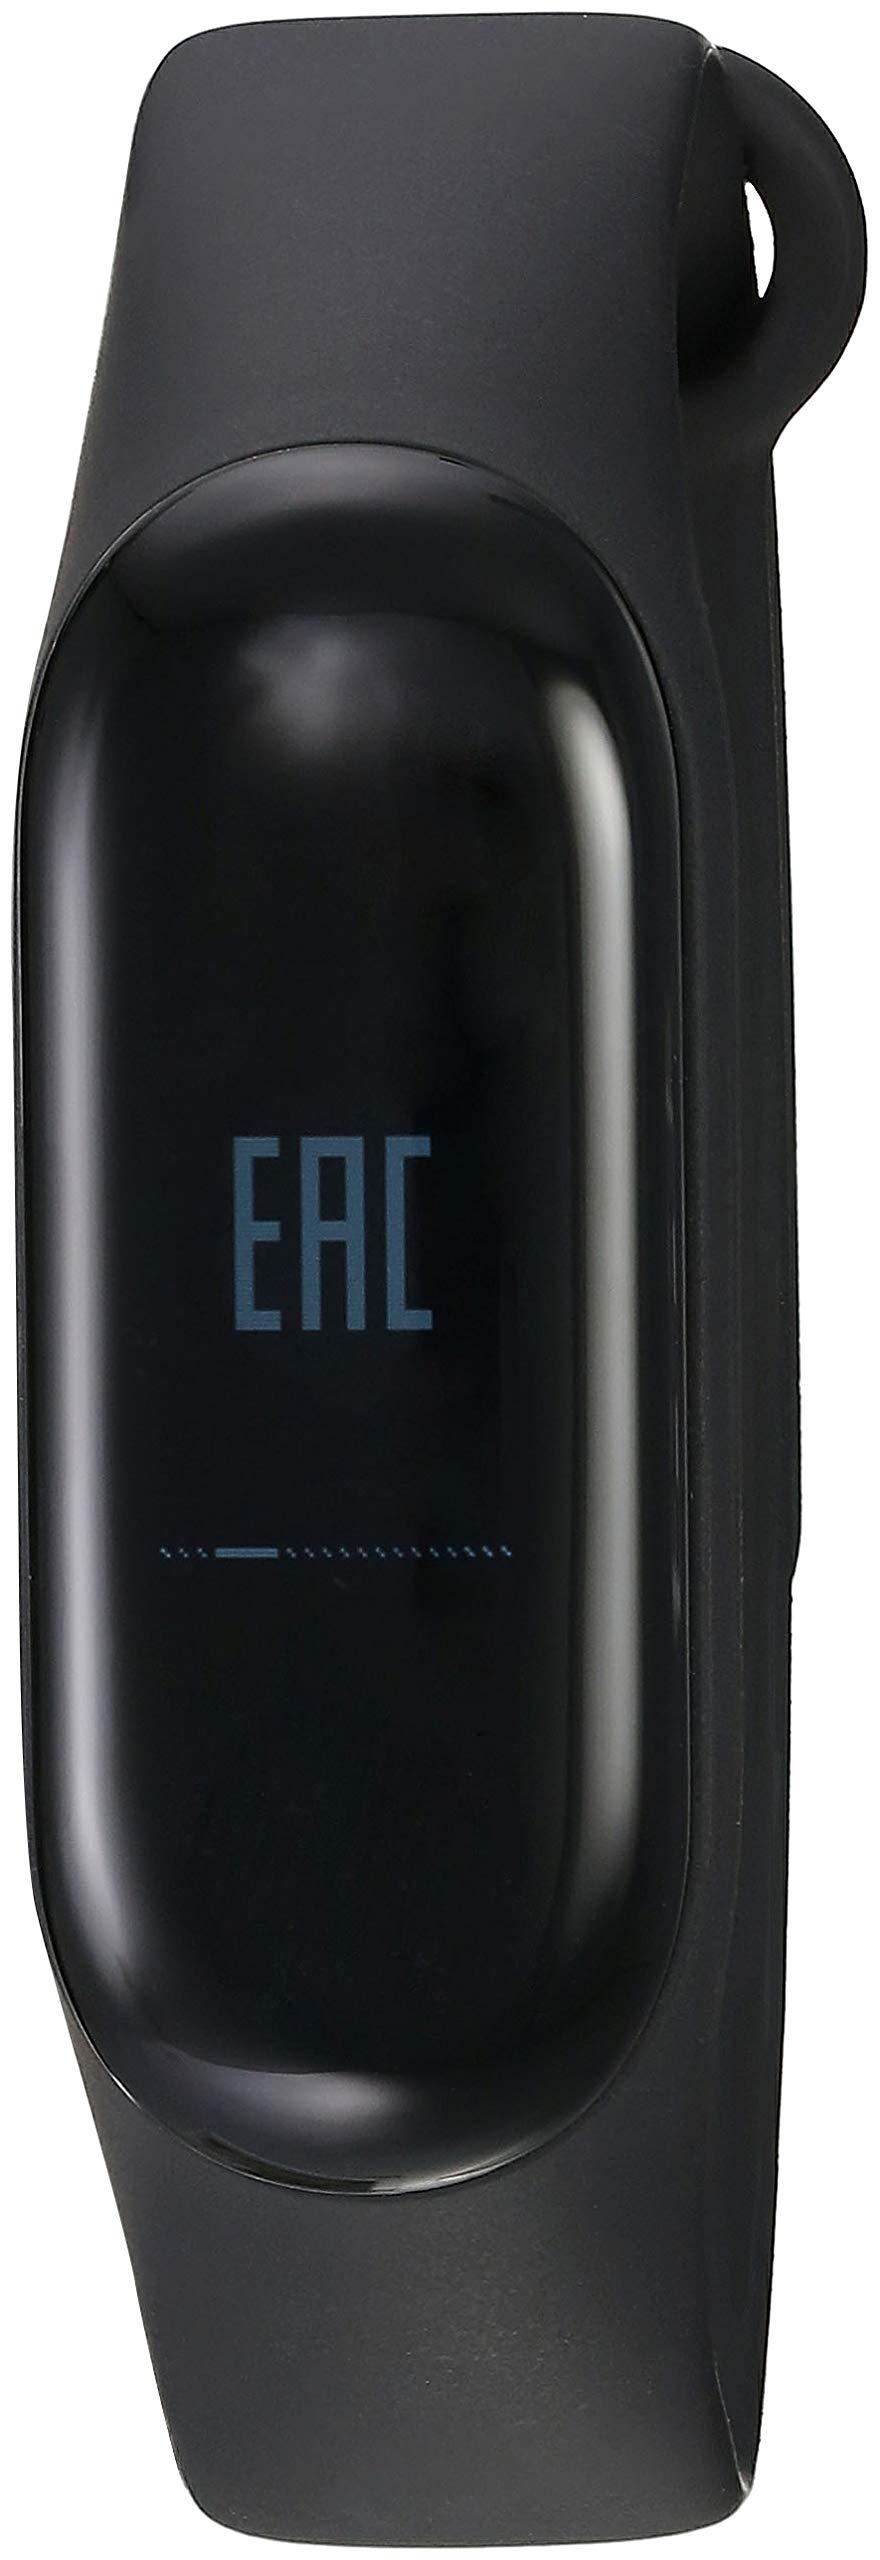 Xiaomi Mi Band 3 - Pulsera de actividad, Pantalla 0.78'' full OLED táctil, Notificaciones, Sumergible 50m, Mide calorías, pasos y sueño, Negro 2